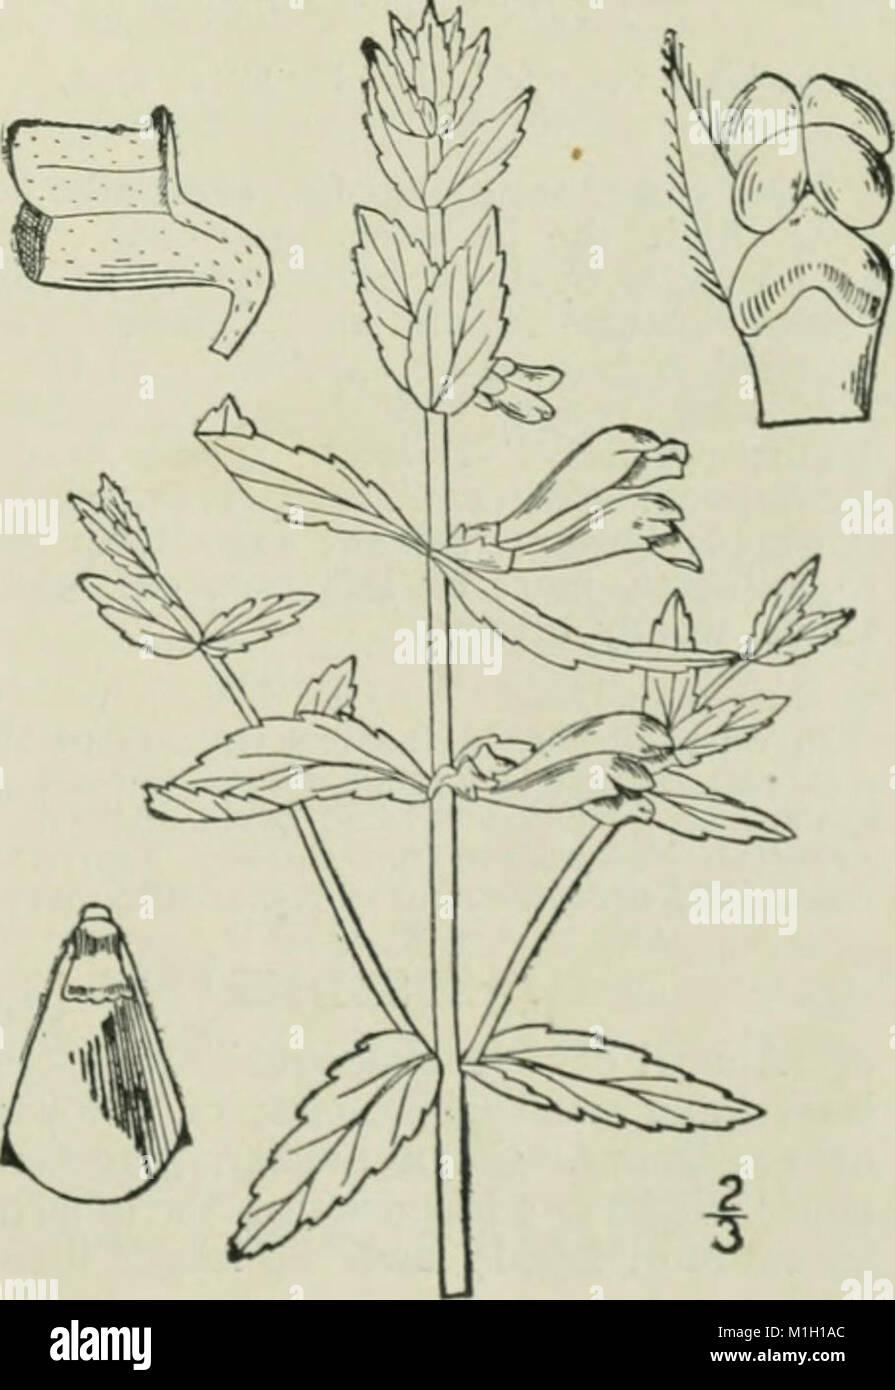 Eine Illustrierte Flora von der nördlichen USA, Kanada und die britischen Besitzungen - von Neufundland zu den Parallelen der südlichen Grenze von Virginia und vom Atlantik westwärts nach (14597131178) Stockfoto